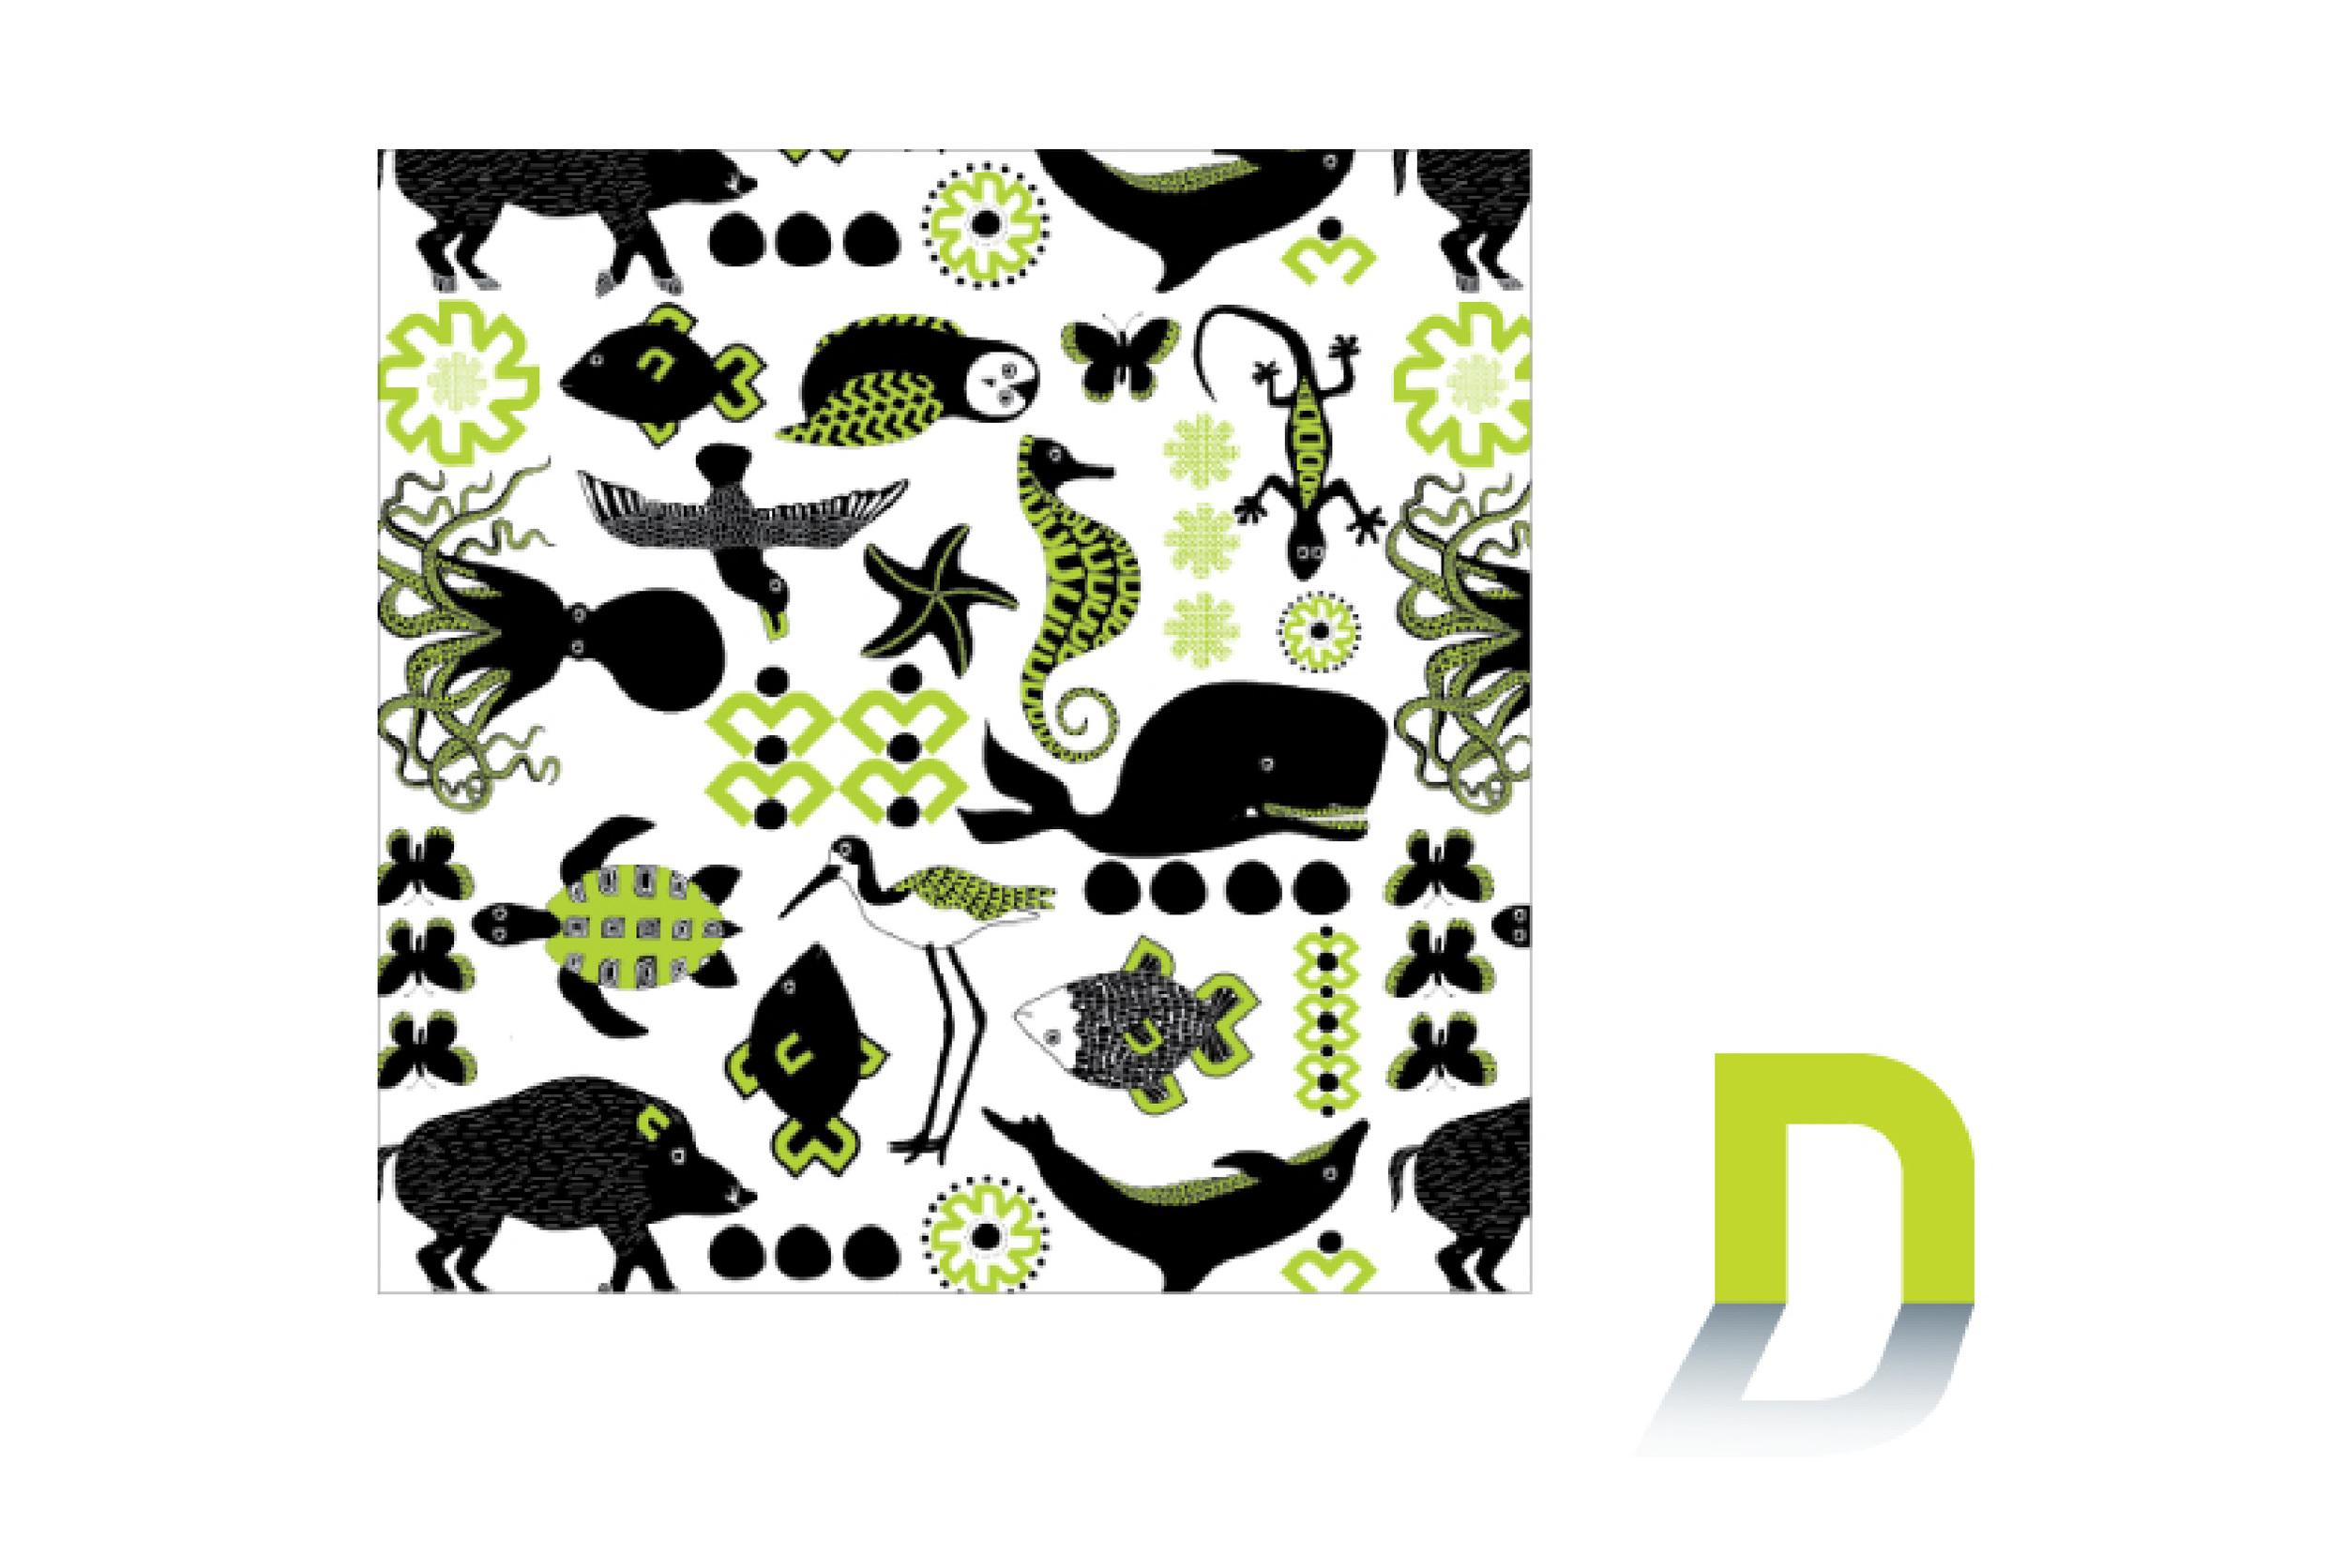 NomuraDesign_illustrations-01.jpg